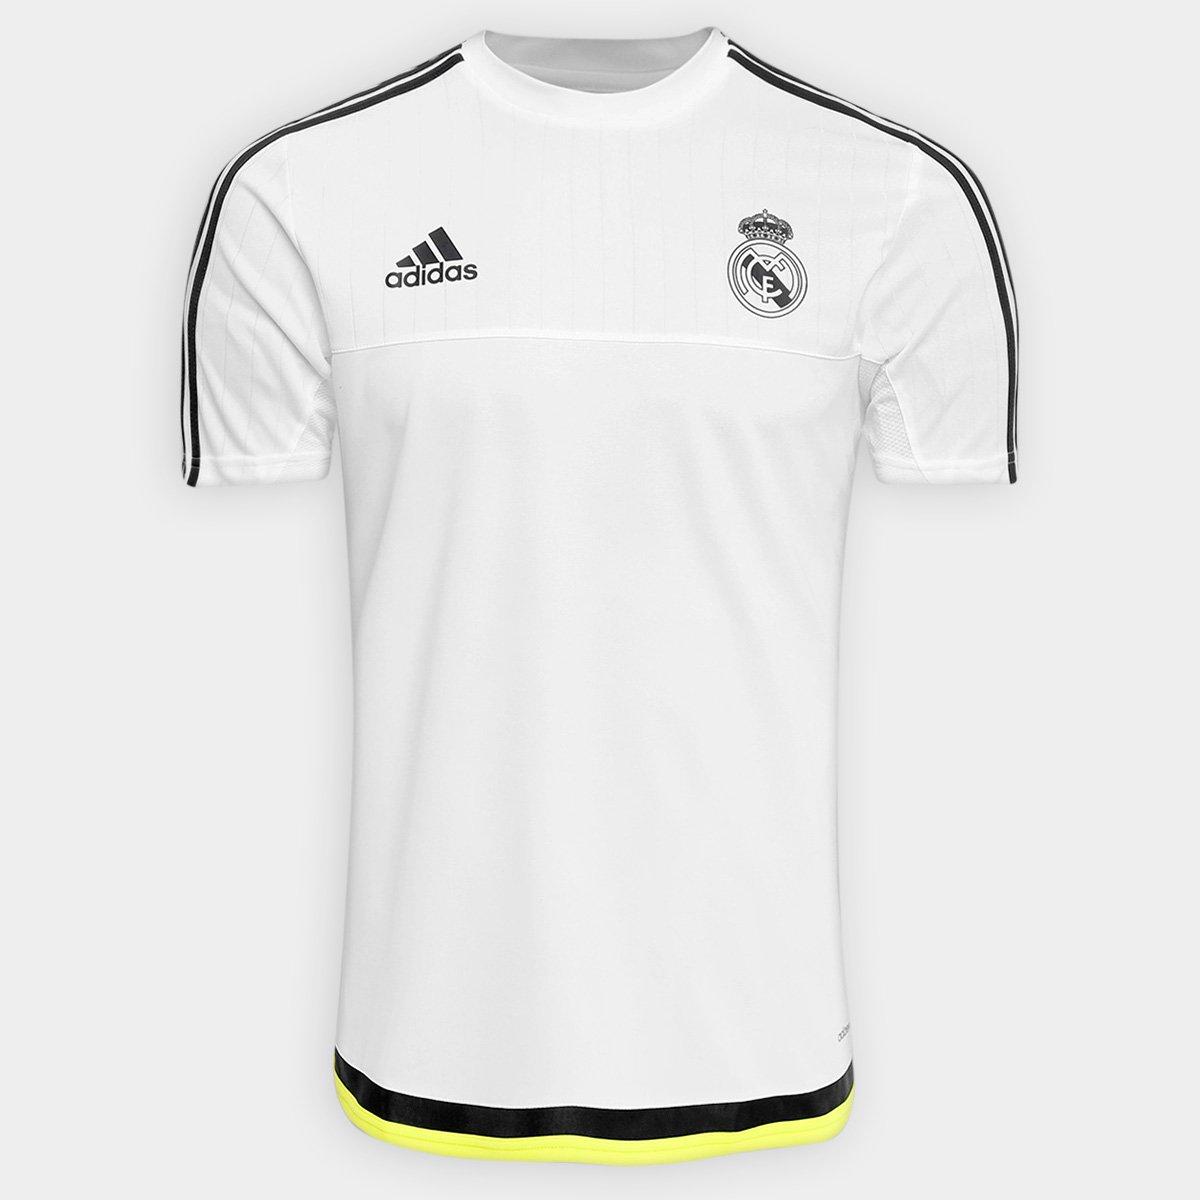 Camisa Adidas Real Madrid Treino 2015 - Compre Agora  a3fd1f6d0cee1